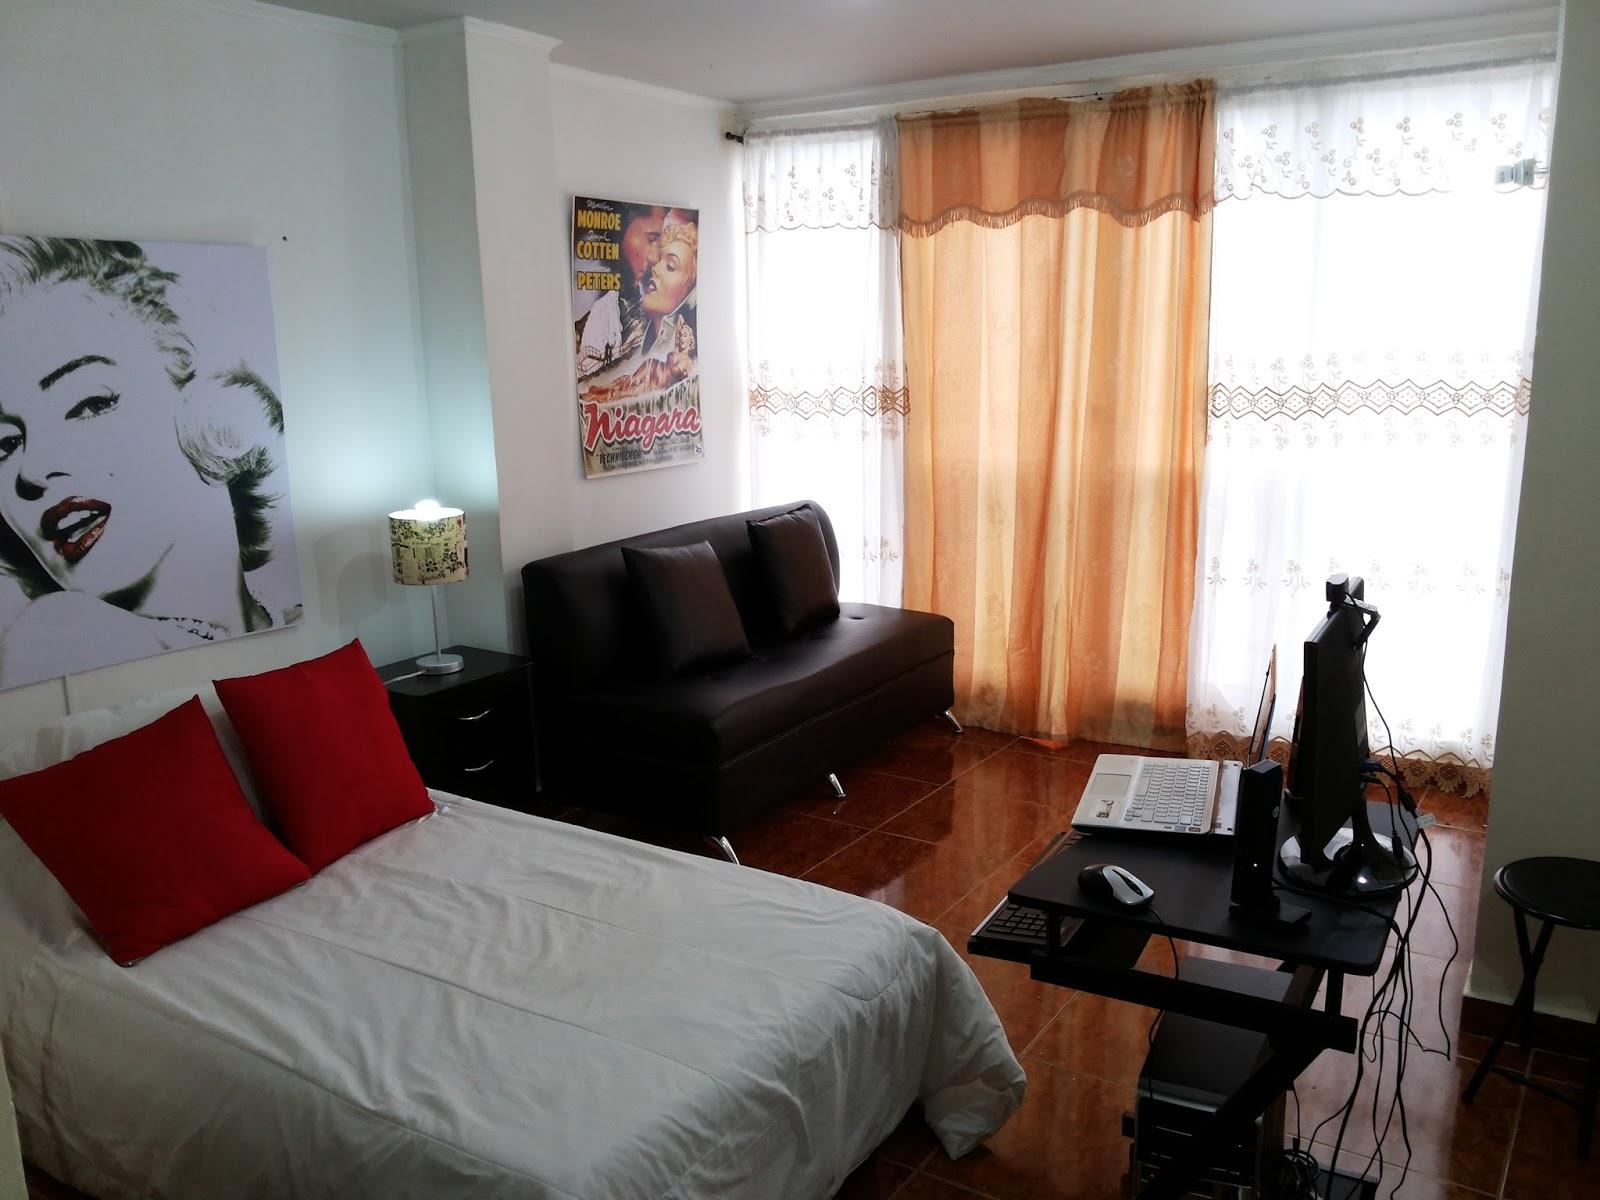 20160427_085050  Prepagos Medellin - Escorts Medellin - Modelos Web Cam